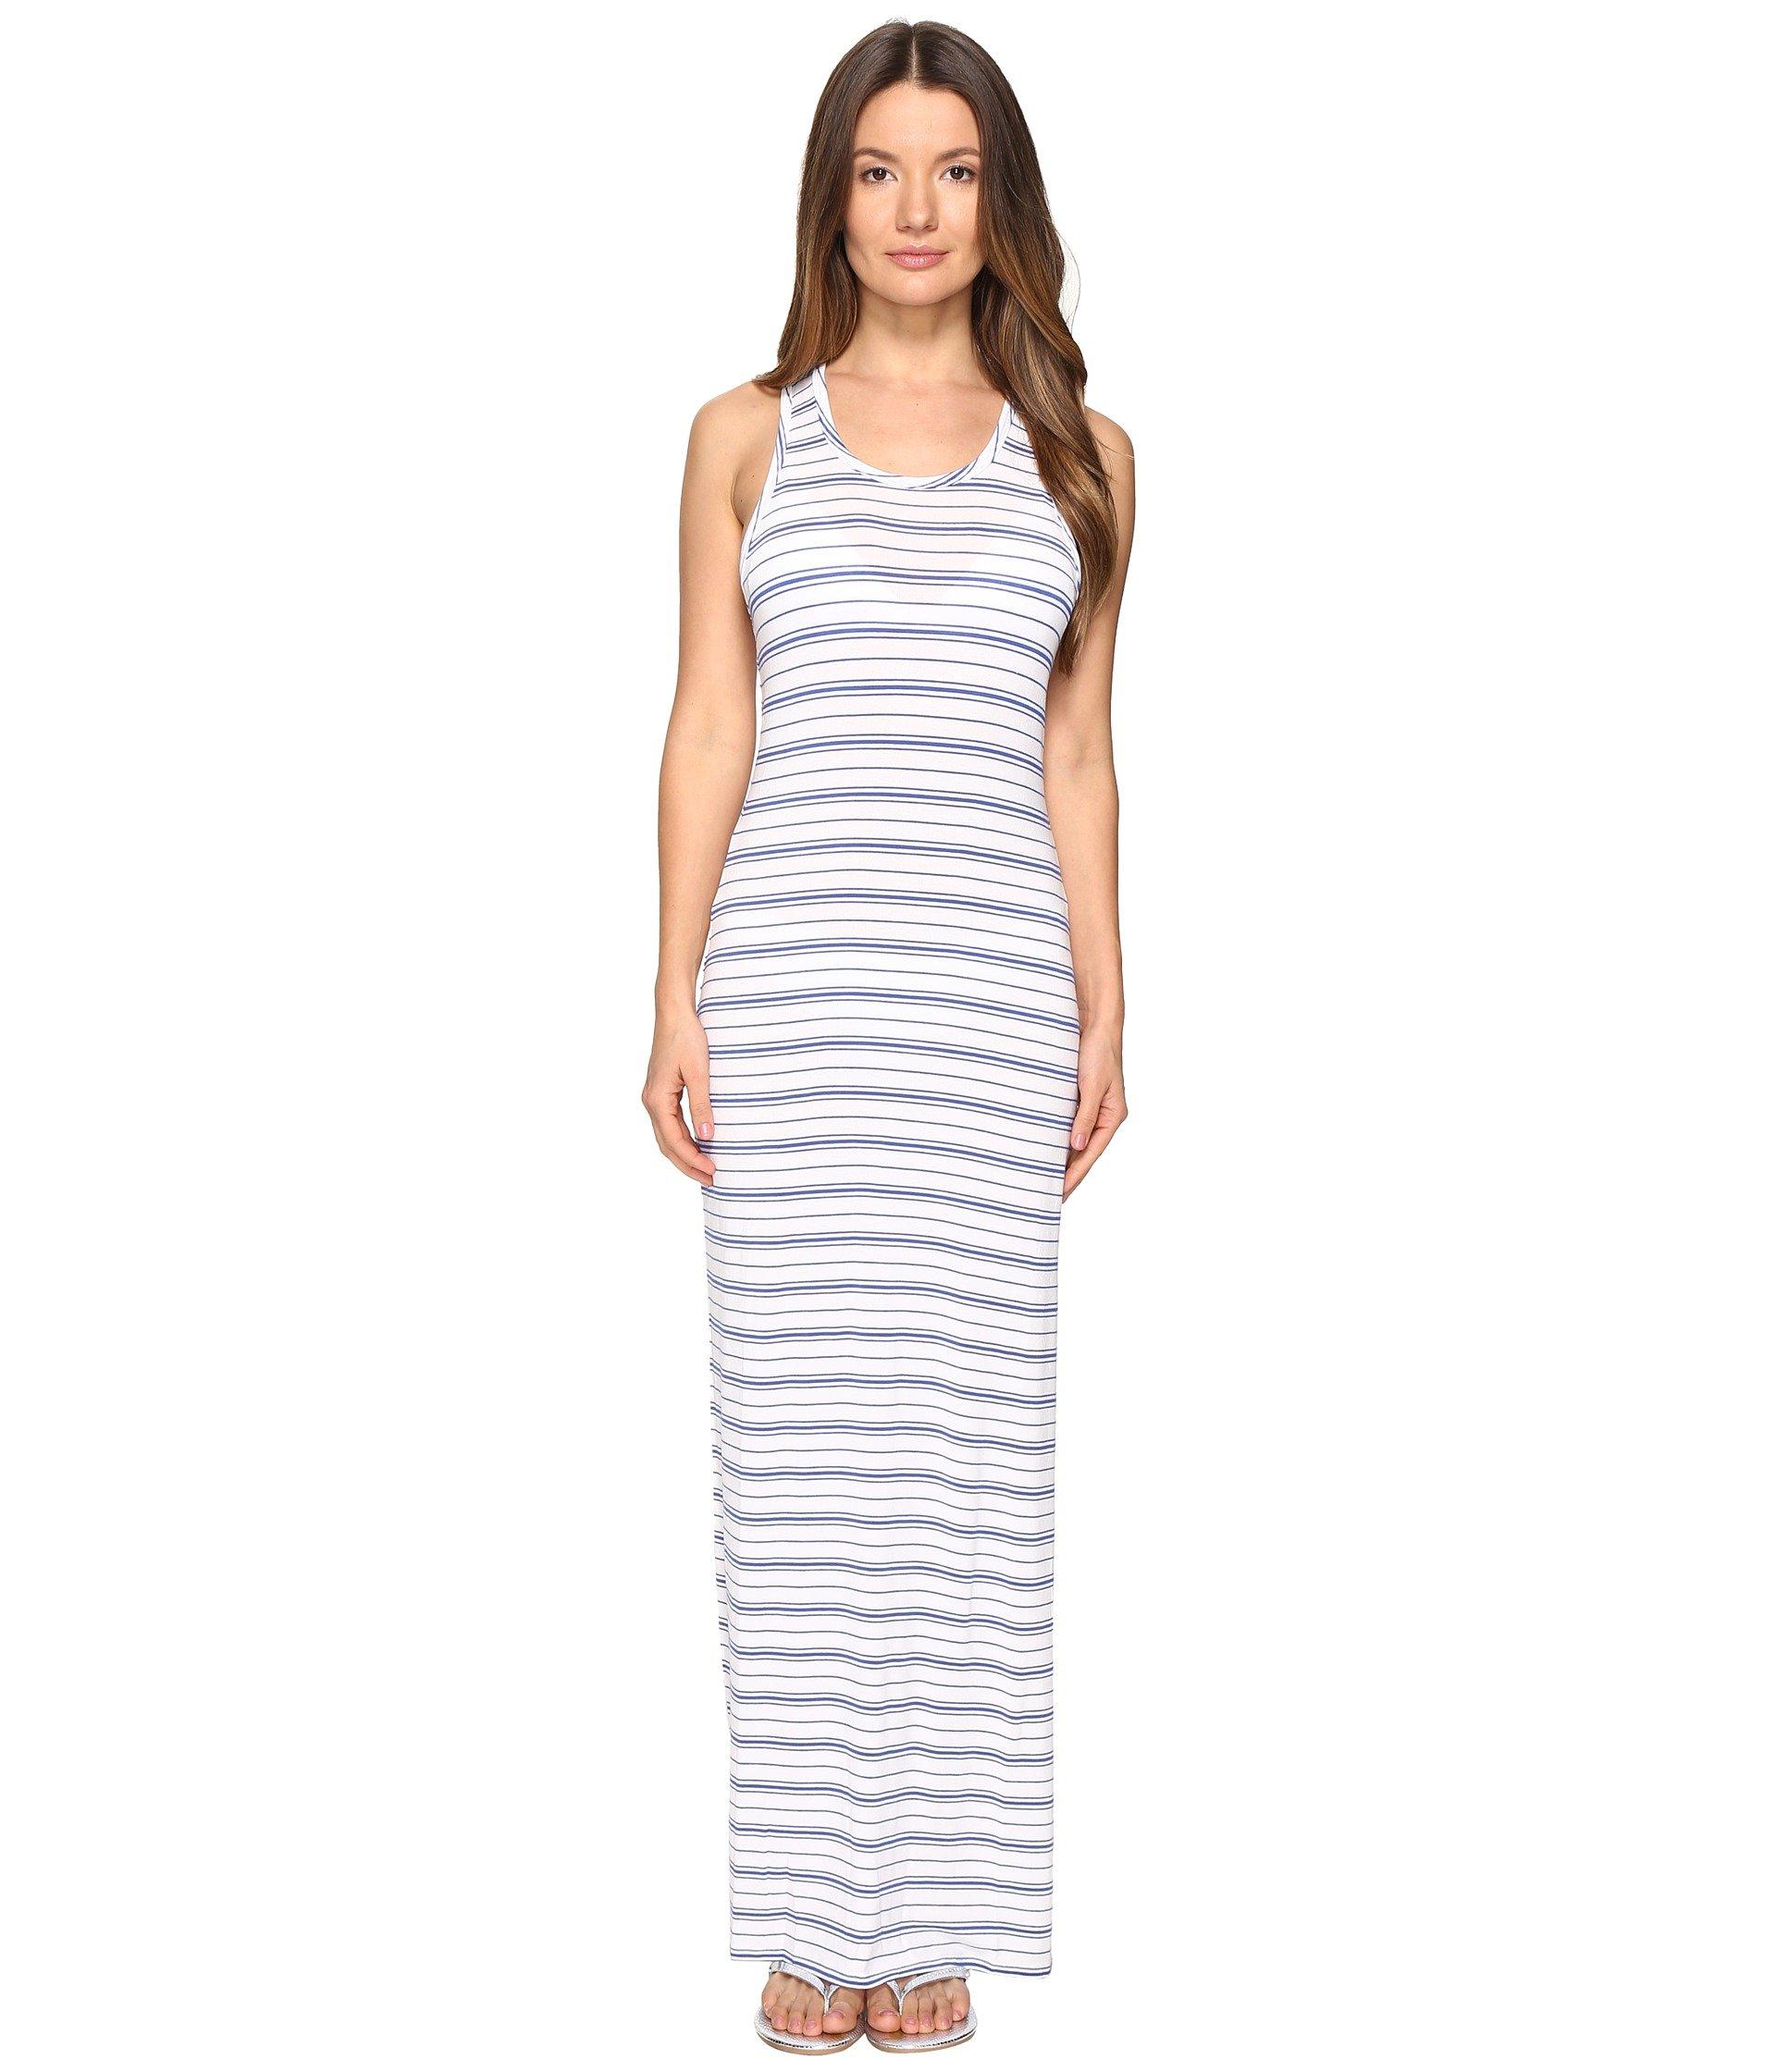 Toni Dress Cover-Up